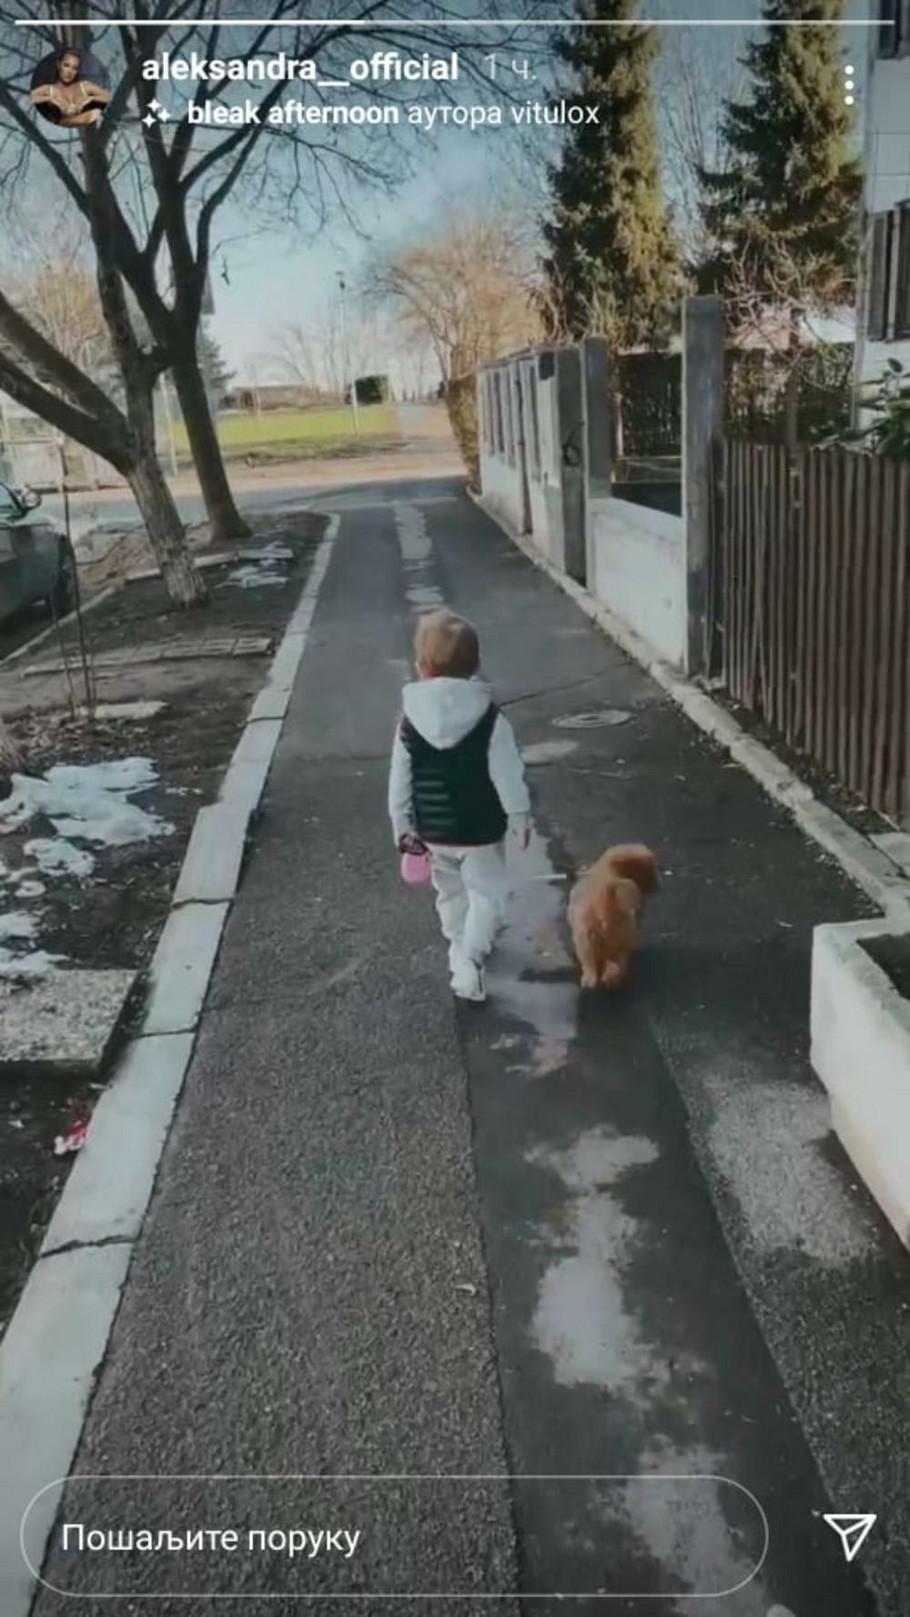 Aleksandra uživa sa sinom